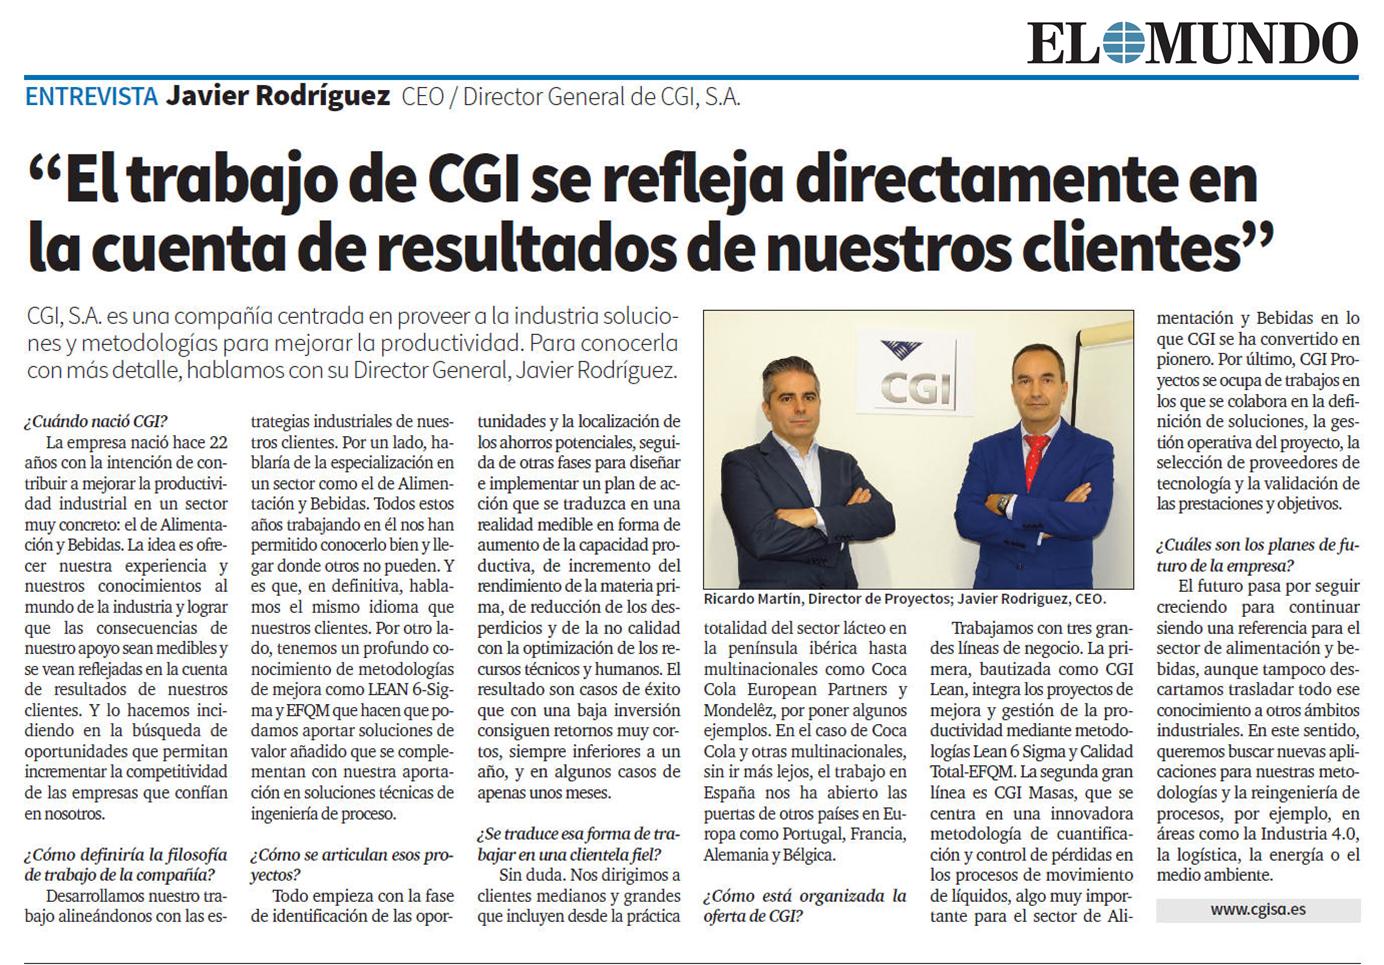 Entrevista con Javier Rodríguez – EL MUNDO